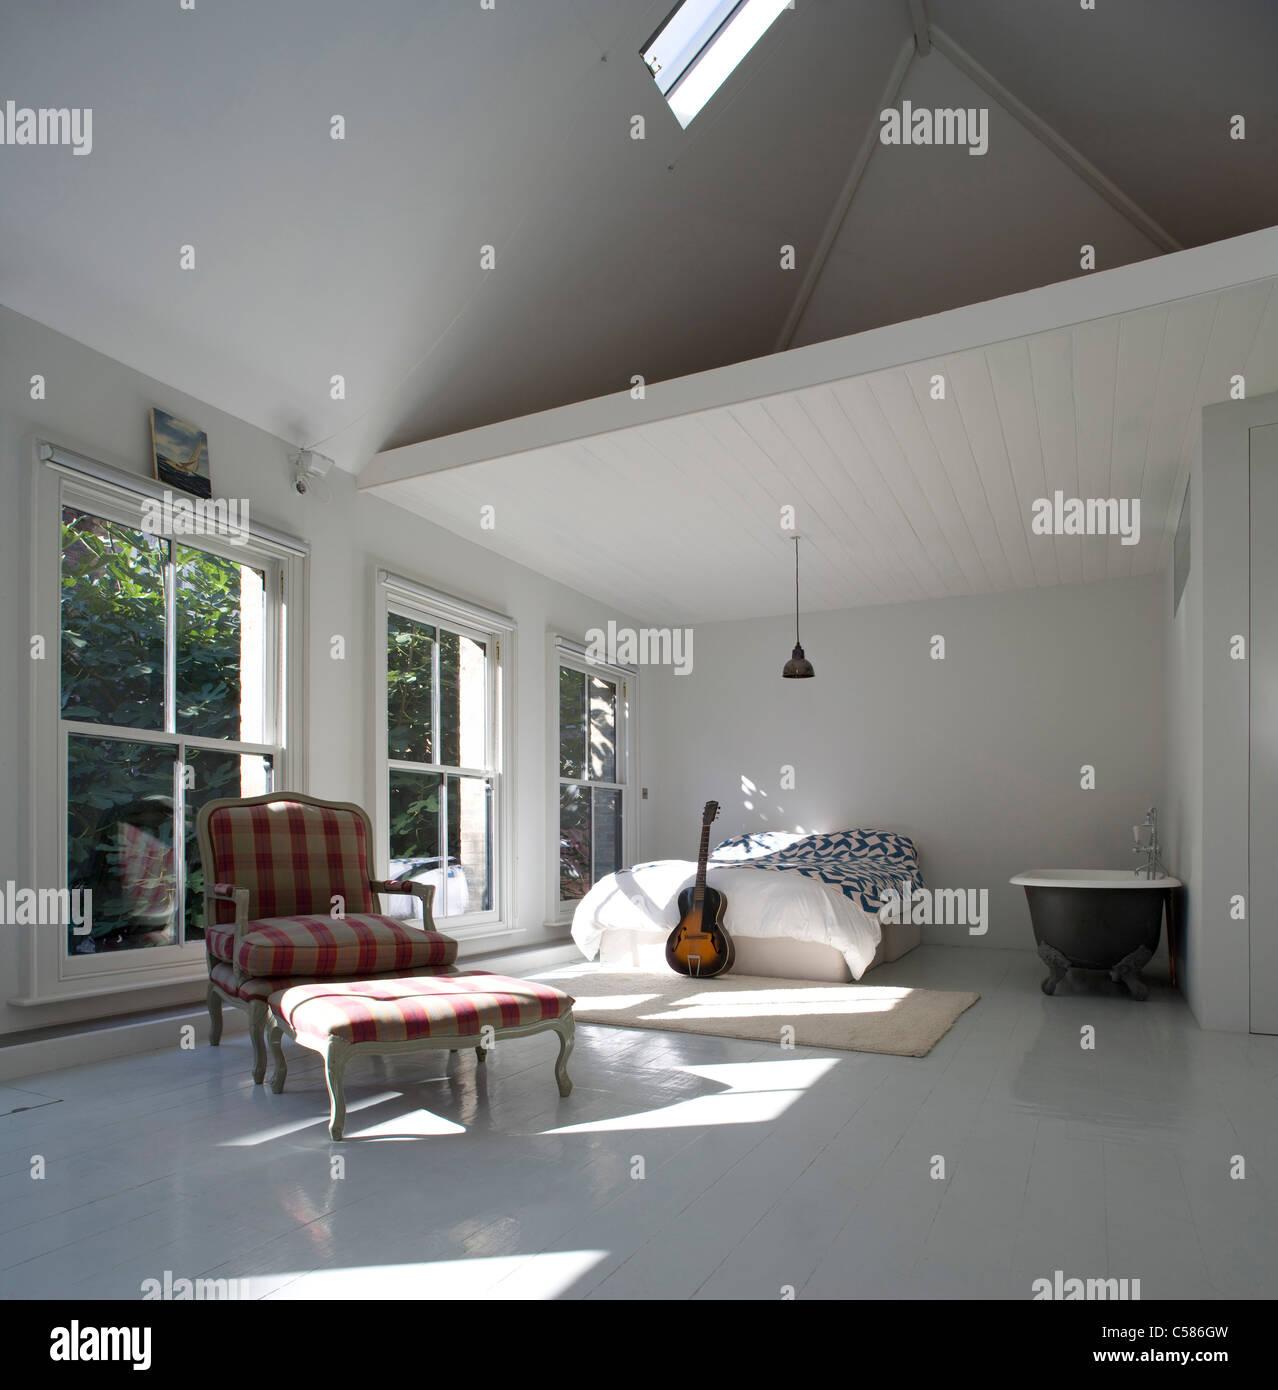 Doppelter Höhe Schlafzimmer Badezimmer Mit Schrillen Decke